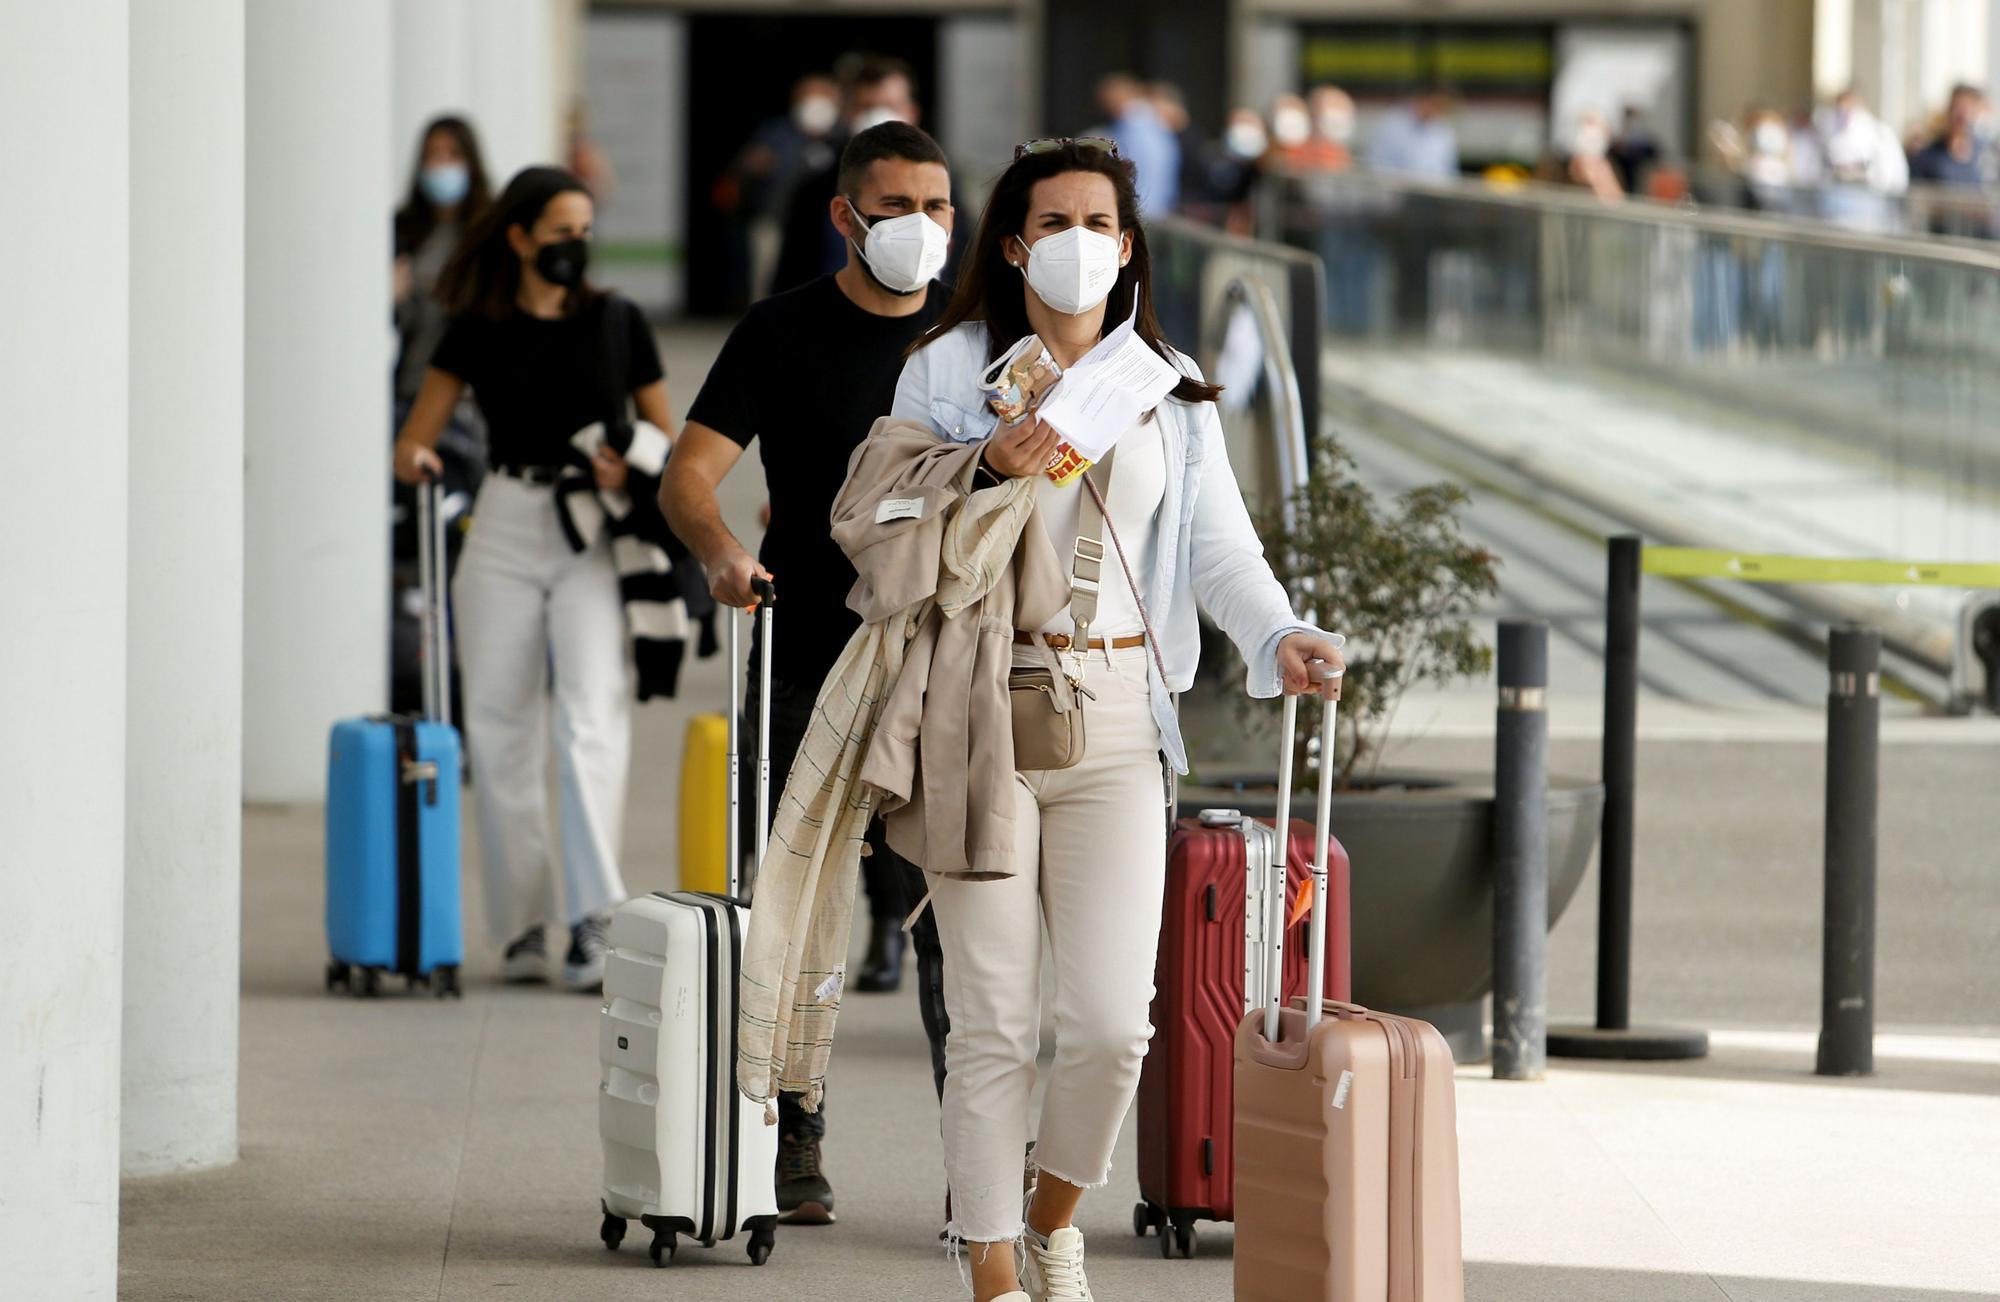 Aterrizan 102 aviones en el aeropuerto de Palma, 54 de ellos procedentes de Alemania